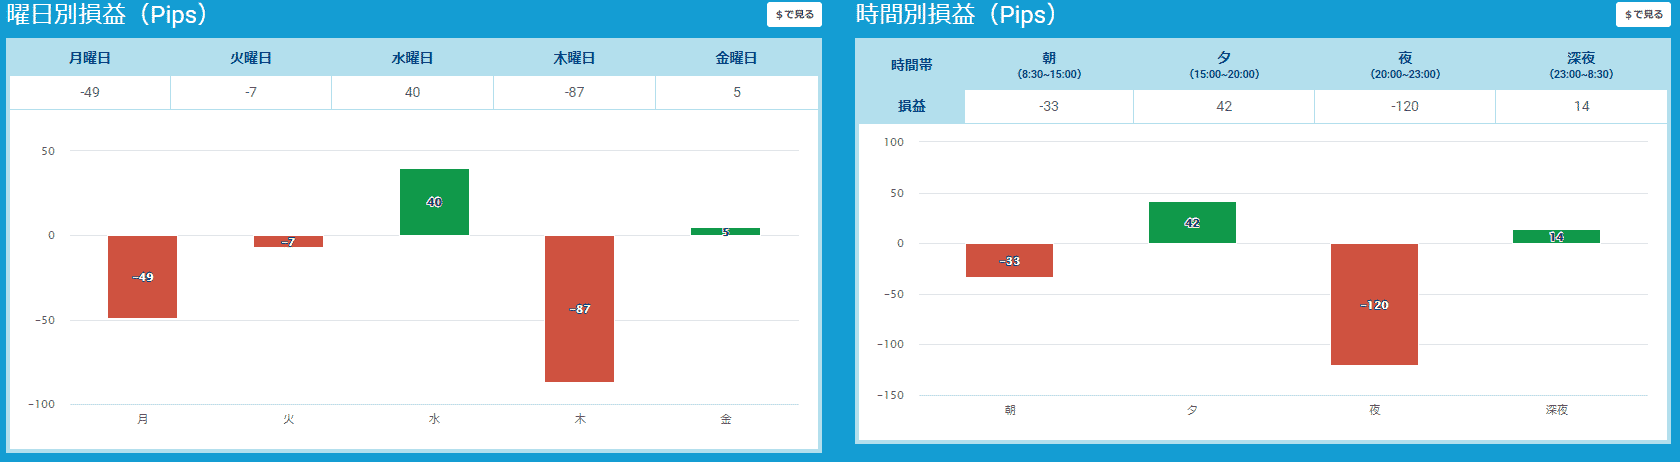 プロップトレーダーチャートYamada1